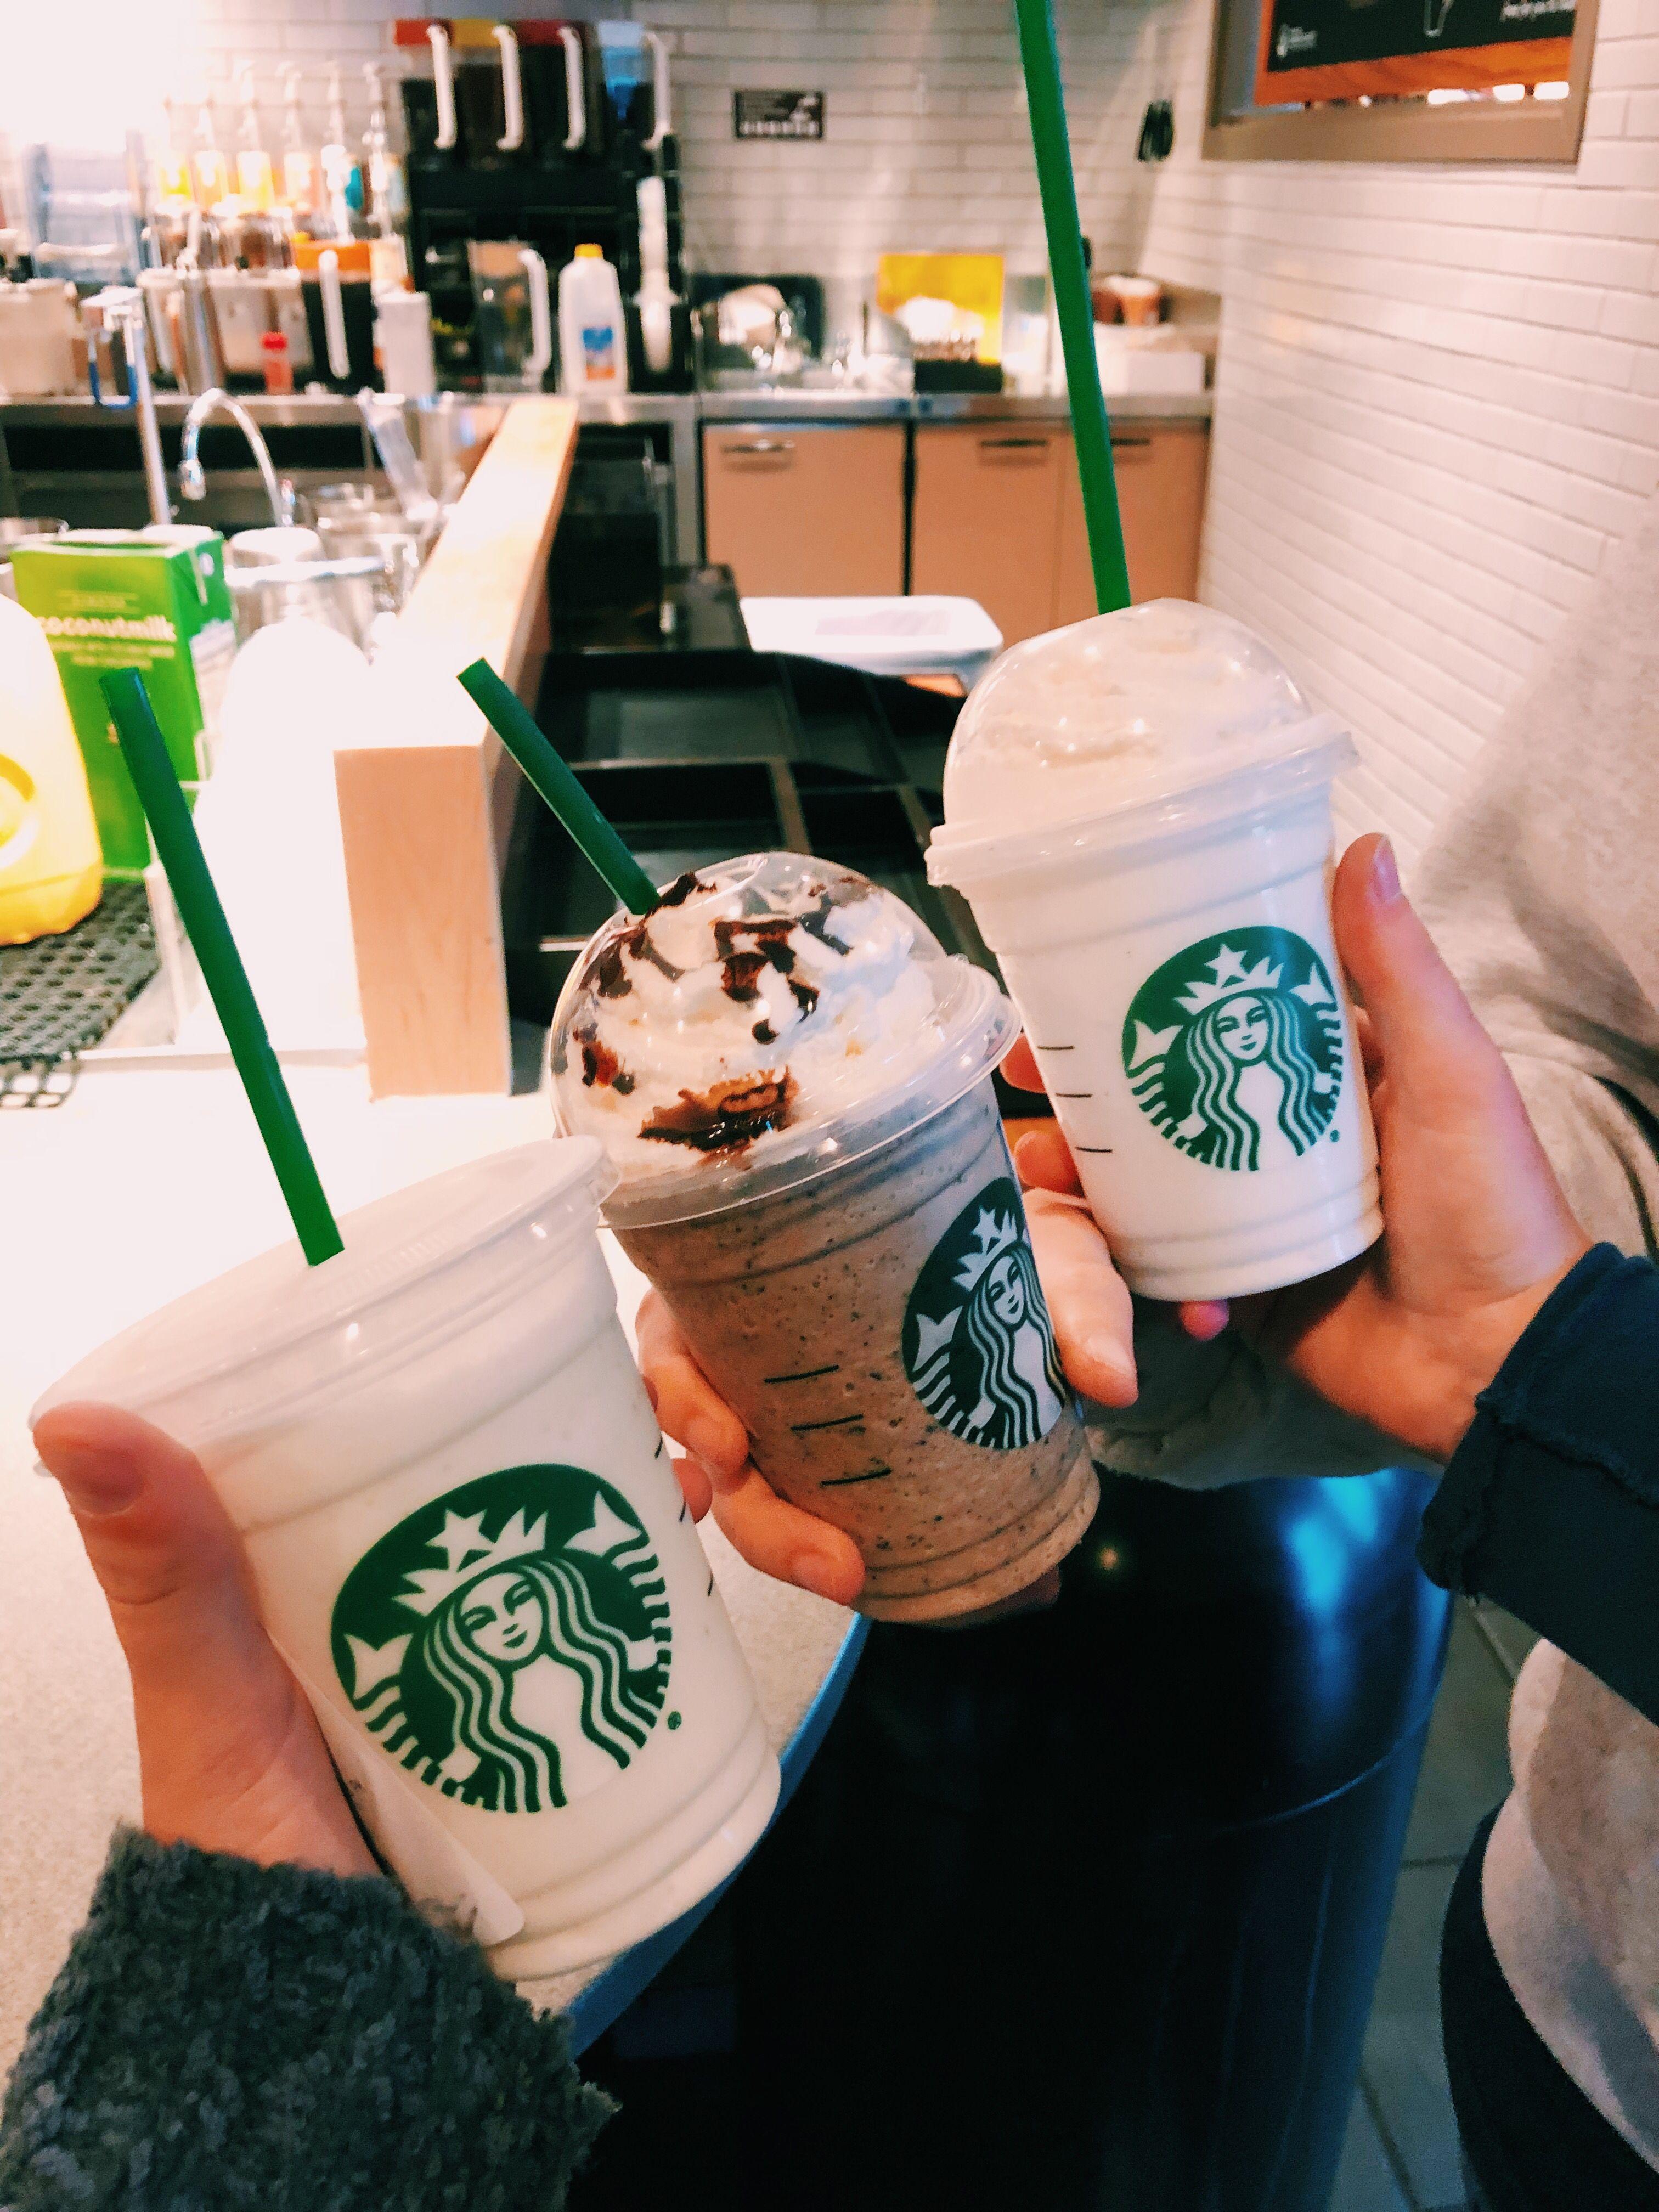 𝚙𝚒𝚗𝚝𝚎𝚛𝚎𝚜𝚝 𝚔𝚊𝚕𝚎𝚢𝚑𝚘𝚐𝚐𝚕𝚎 Starbucks Drinks